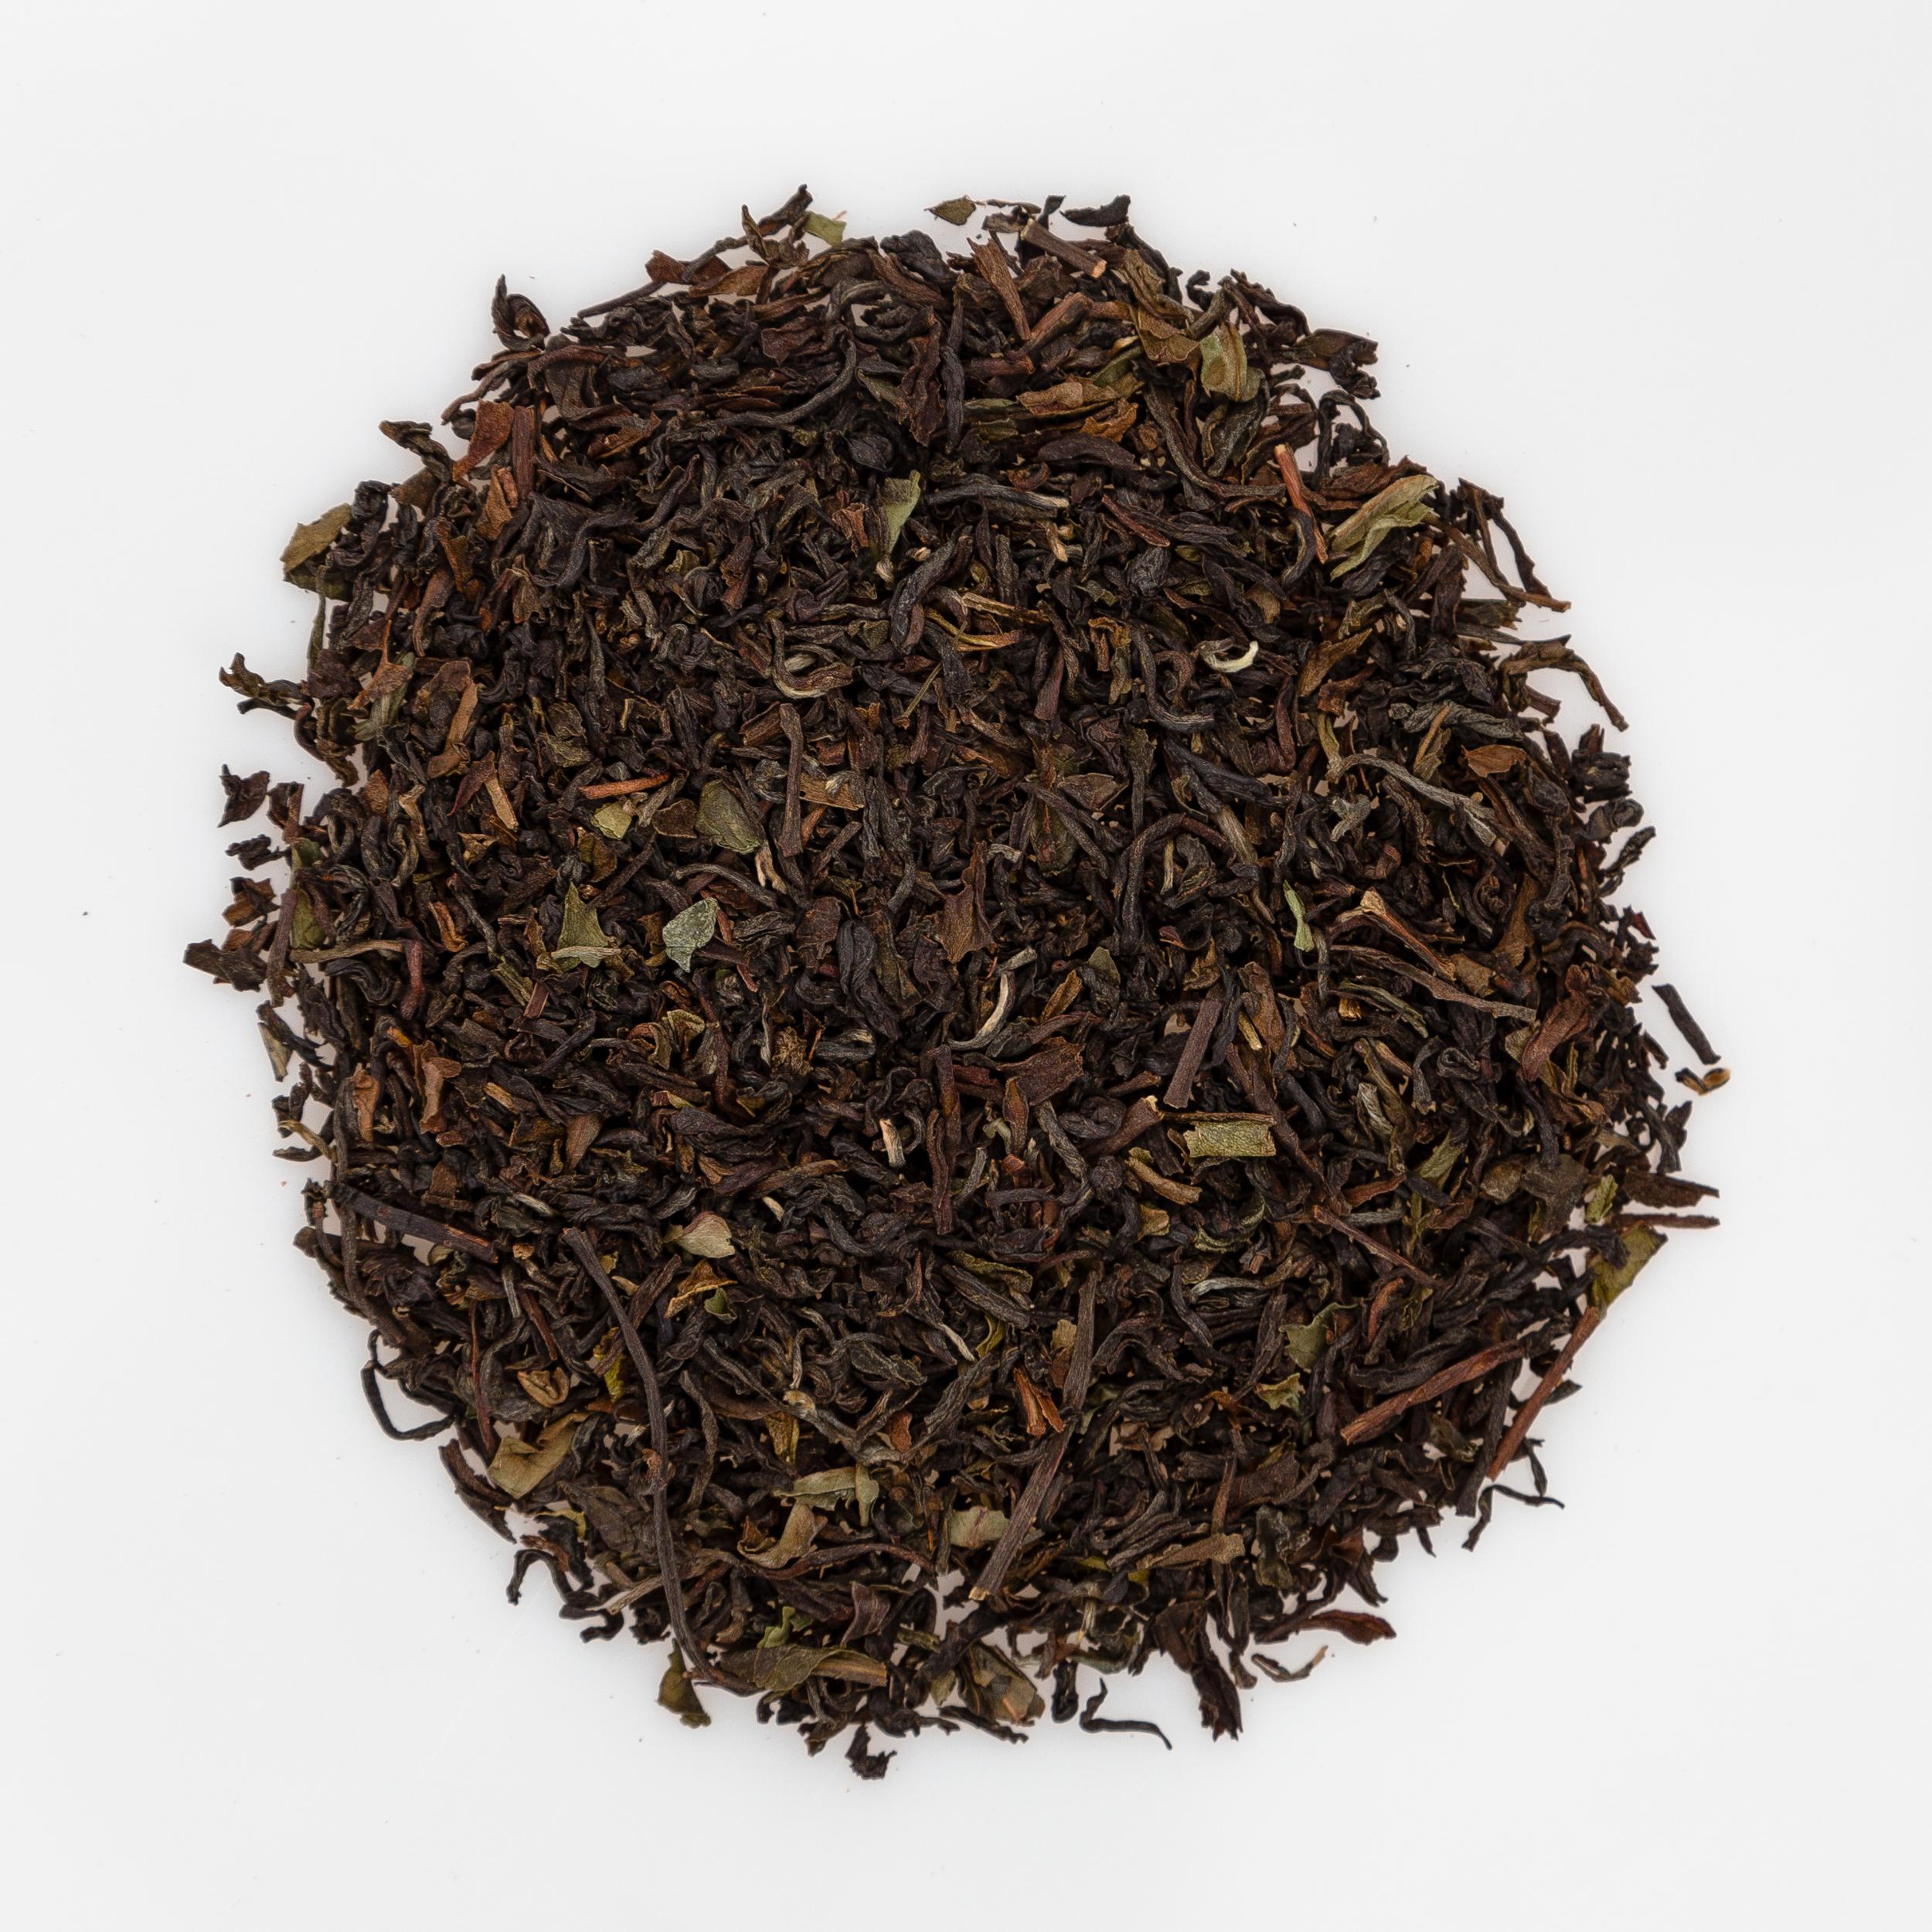 Sposoby parzenia i serwowania herbaty cz.1